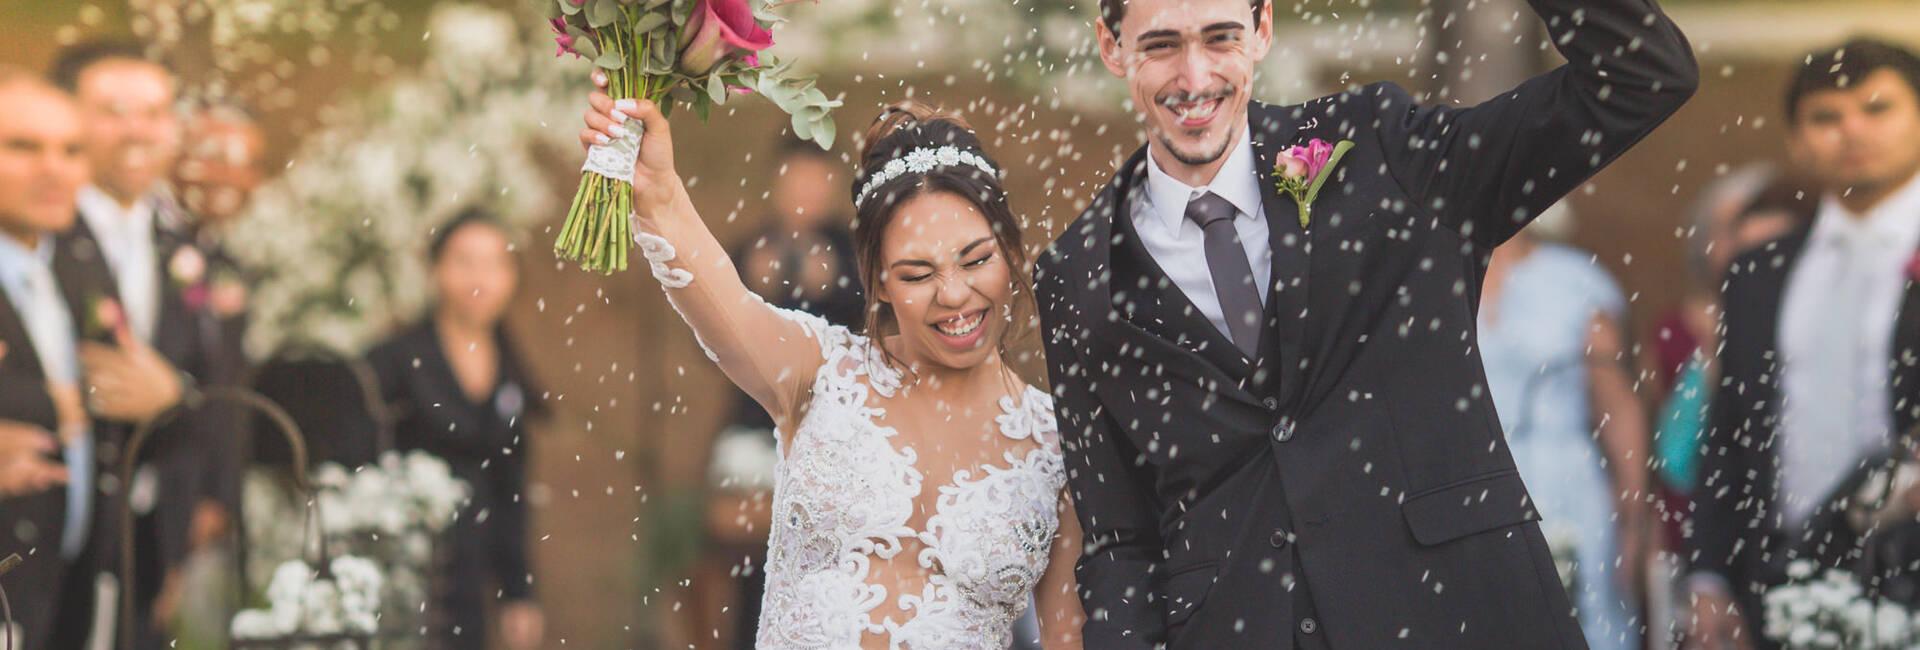 Casamento de GABI & ZALESKI